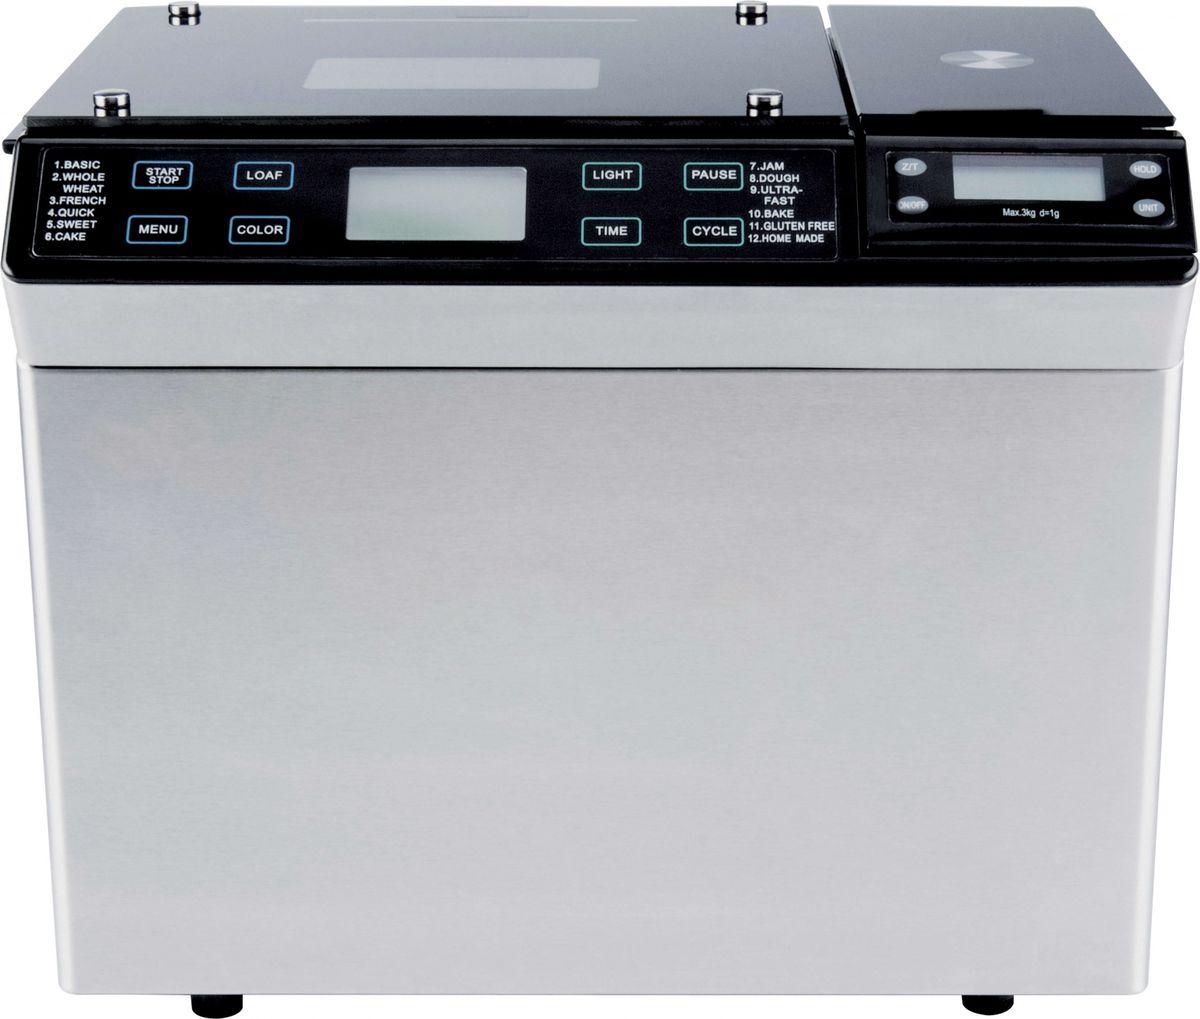 Gemlux GL-BM-999W, Silver, Black хлебопечкаGL-BM-999WХлебопечка Gemlux GL-BM-999W - это продвинутая модель с расширенным функционалом для настоящих мастеровхлебопечения. Вы можете выбрать три варианта цвета корочки (светлая, средняя, румяная), три варианта весабуханки (500, 750 и 900 г), отсрочить старт до 13 часов и при необходимости подогревать готовое изделие втечение 60 минут. В случае кратковременного отключения электричества (до 15 минут) после восстановленияэнергоснабжения устройство продолжит выполнение прерванной программы.Хлебопечка Gemlux GL-BM-999W имеет электронное управление с 11 стандартными программами. Для опытныхдомашних мастеров предусмотрена также возможность создания собственной программы (кнопка Home Made).Хлебопечка может выпекать не только обычный белый хлеб, но и французский, цельнозерновой, бездрожжевой исдобный, а также замешивать и расстаивать тесто, готовить десерты и варить джемы и мармелады. Устройствооснащено съемной чашей с антипригарным покрытием. В комплект поставки входит мерная ложка, мерный стакан,лопасть для замеса теста и дозатор, который позволяет в процессе замеса добавлять в тесто орехи и сухофрукты,а также электронные весы для взвешивания ингредиентов.